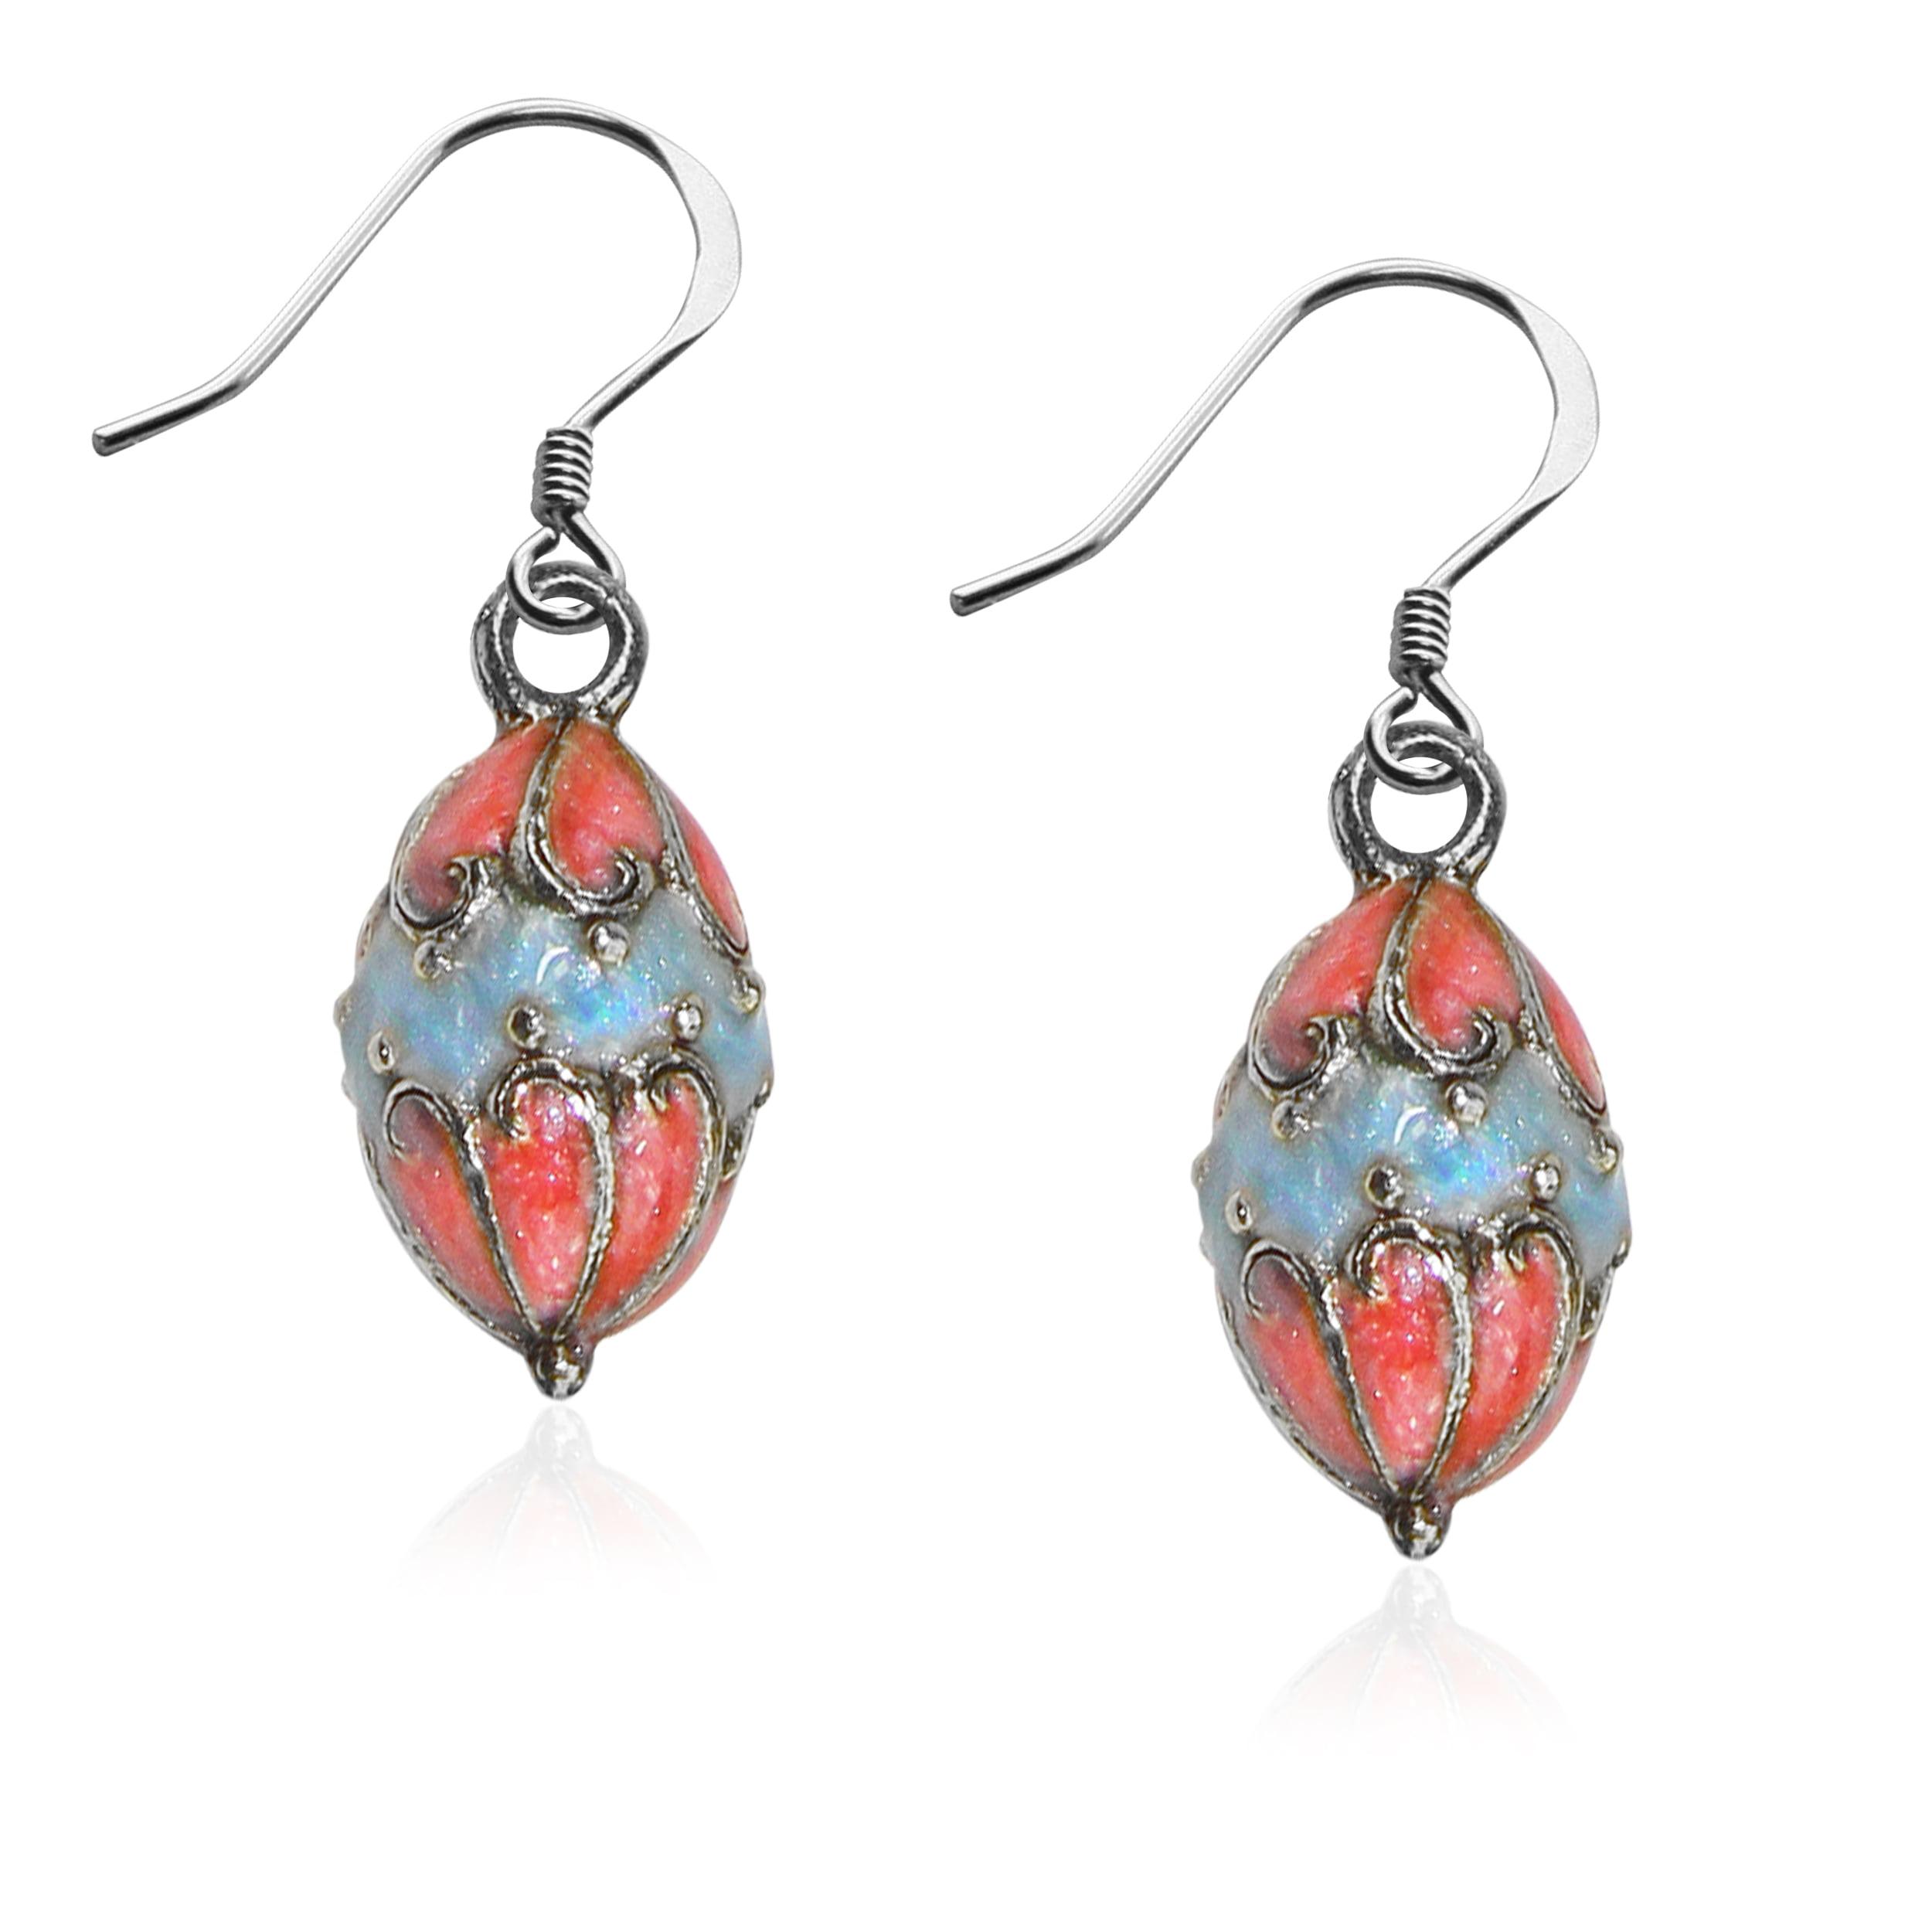 Easter Egg Charm Earrings in Silver